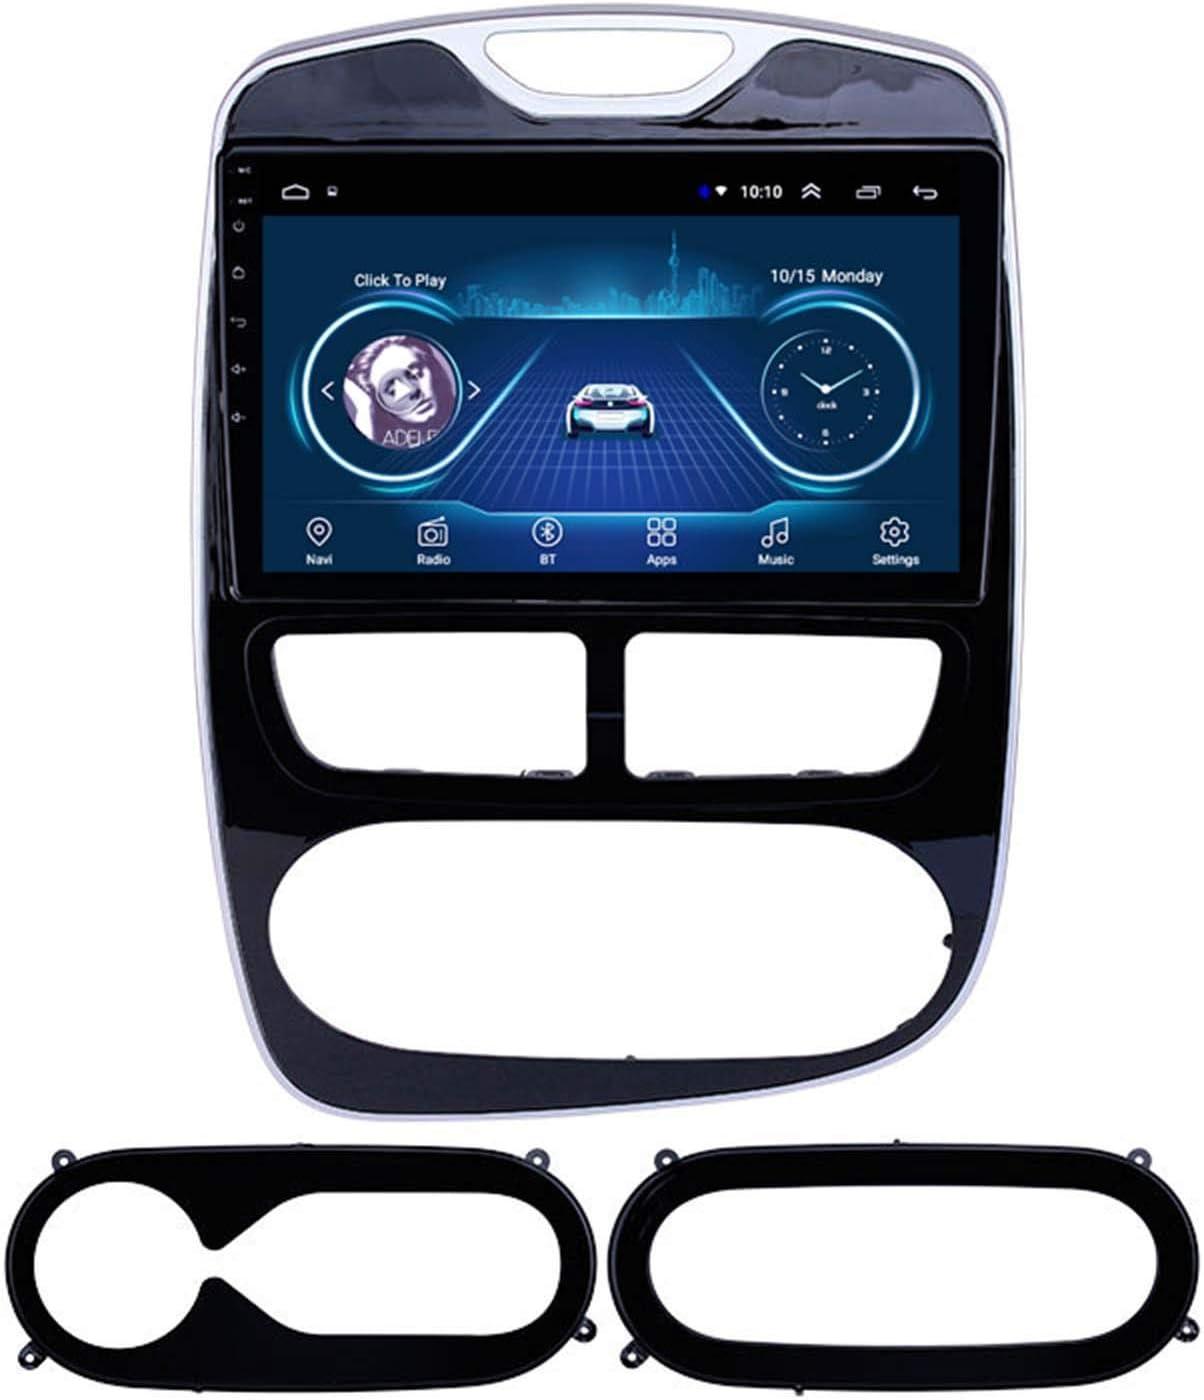 GPS 1G + 16GB Coche GPS Big Screen Reversing Video All-in-One Máquina Para Renault Clio 12-16 GPS Navegación, Notificación De Voz De Varias Condiciones De Tráfico, Actualización De Mapas Gratuita